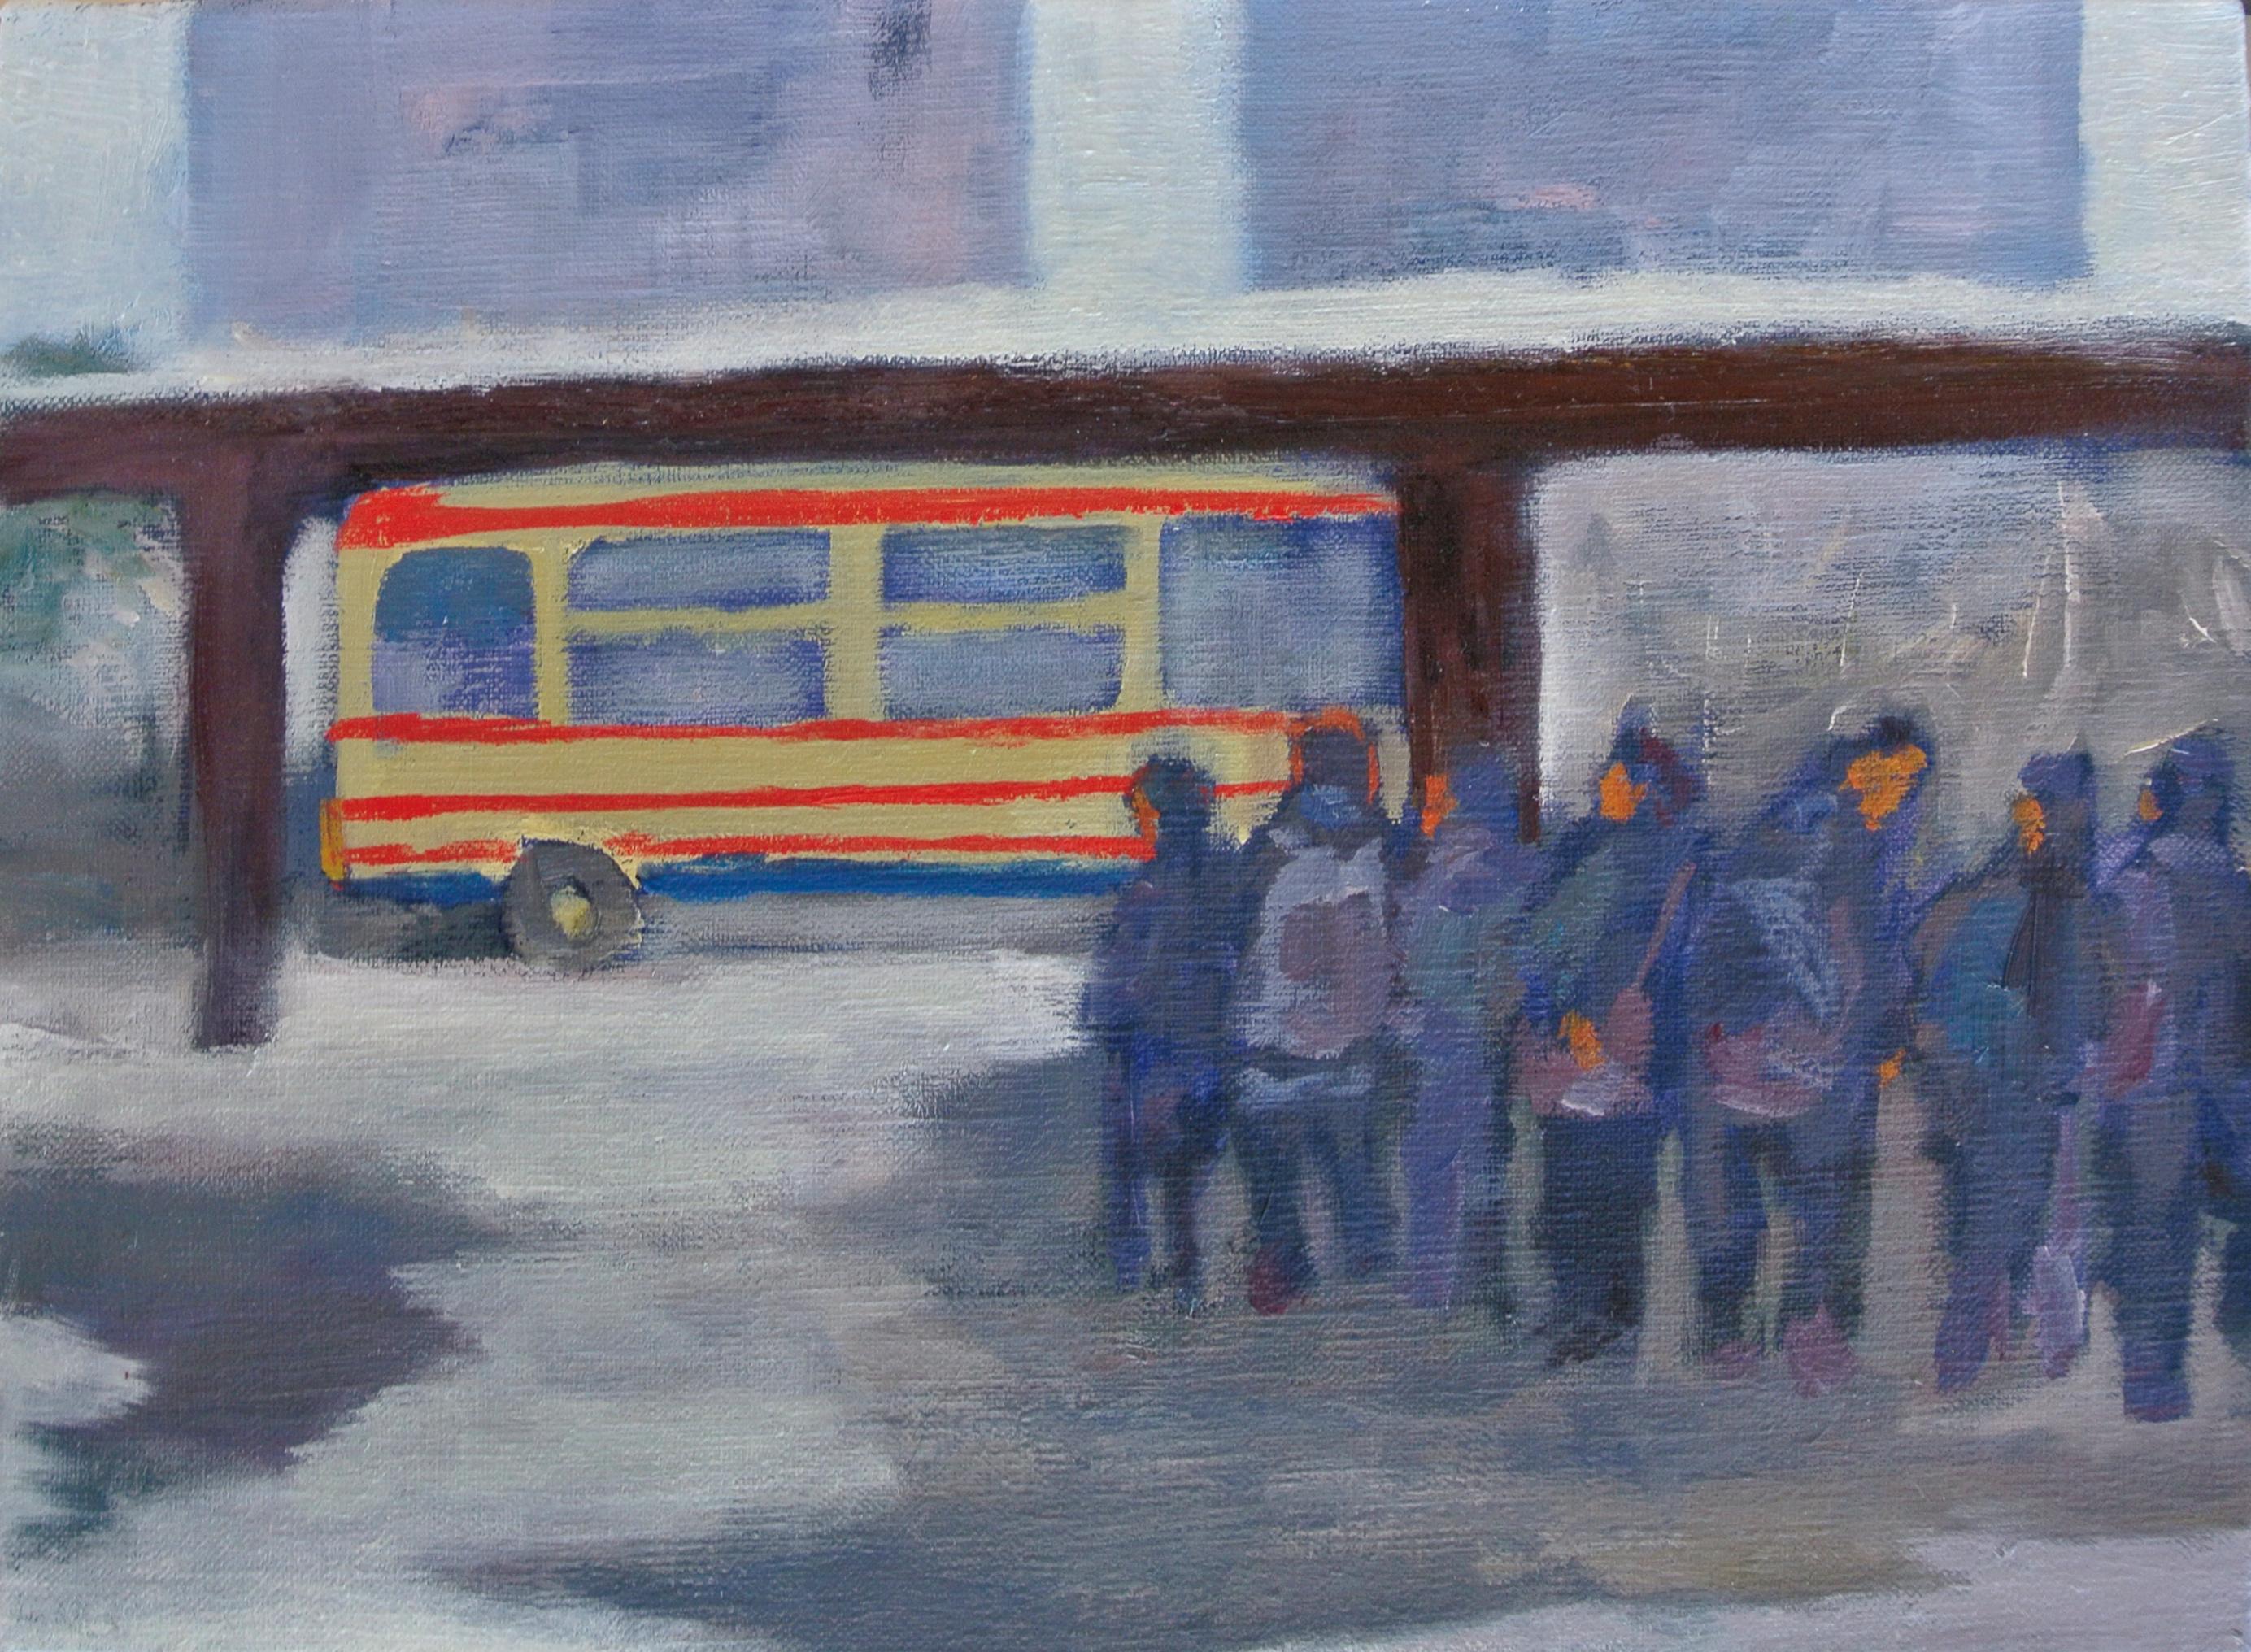 福島市から相馬市に向かうバスは一日四本のみ 2015